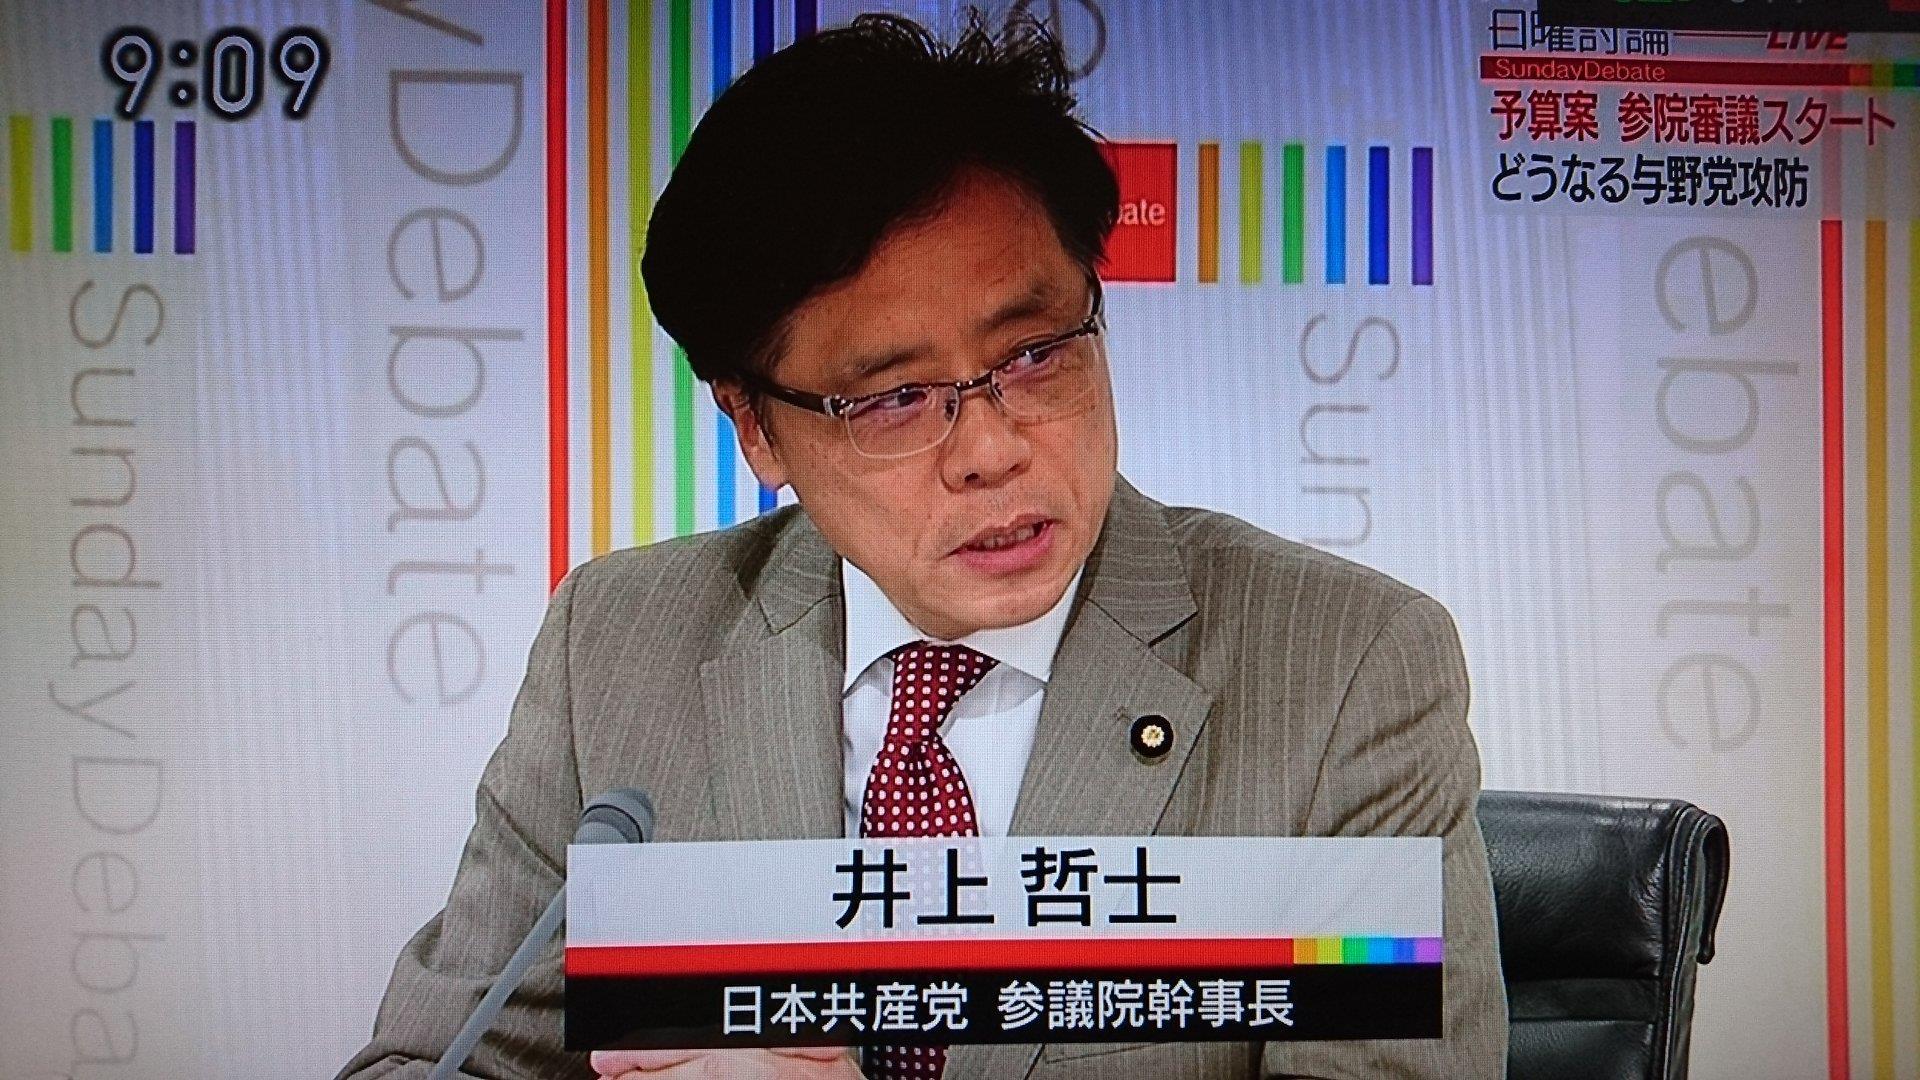 http://www.inoue-satoshi.com/diary/NHK%E8%A8%8E%E8%AB%96.jpg